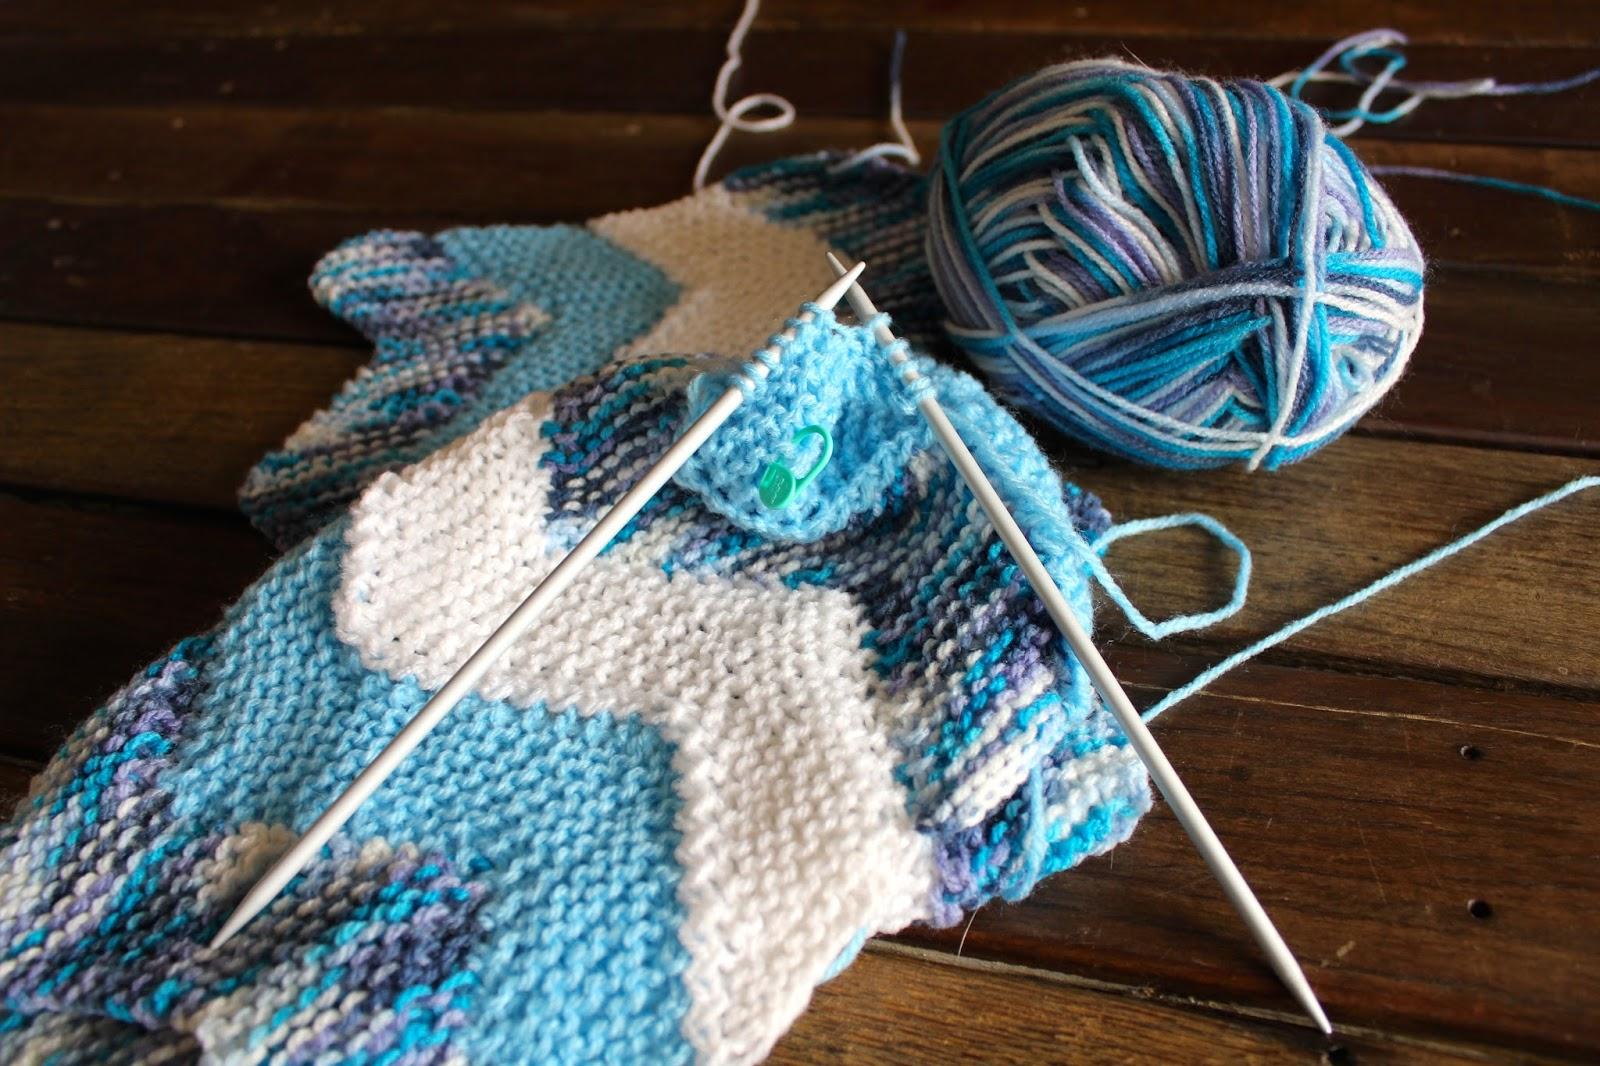 Knitting Blanket Stitch Seam : Keeping Mama Crafting: Knitting the Ten Stitch Zig-Zag Blanket